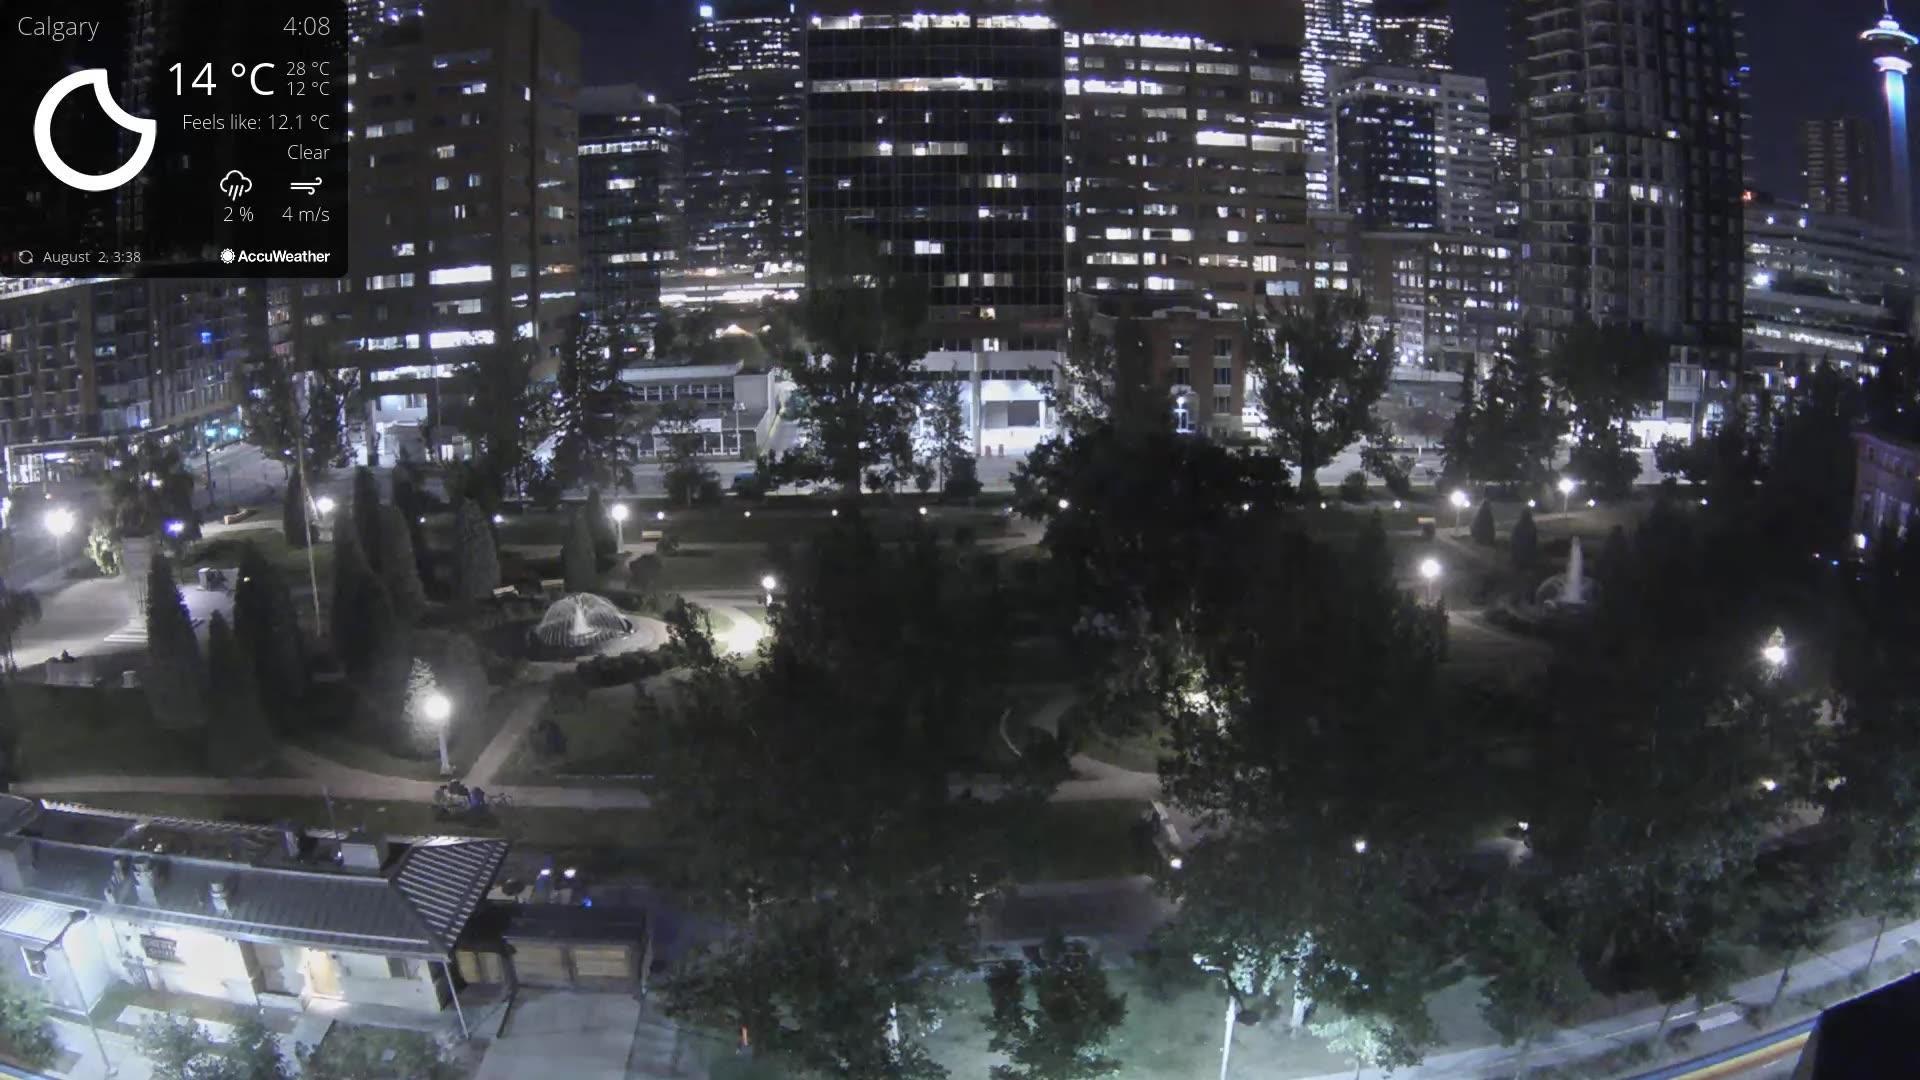 Webcam Calgary: Central Memorial Park